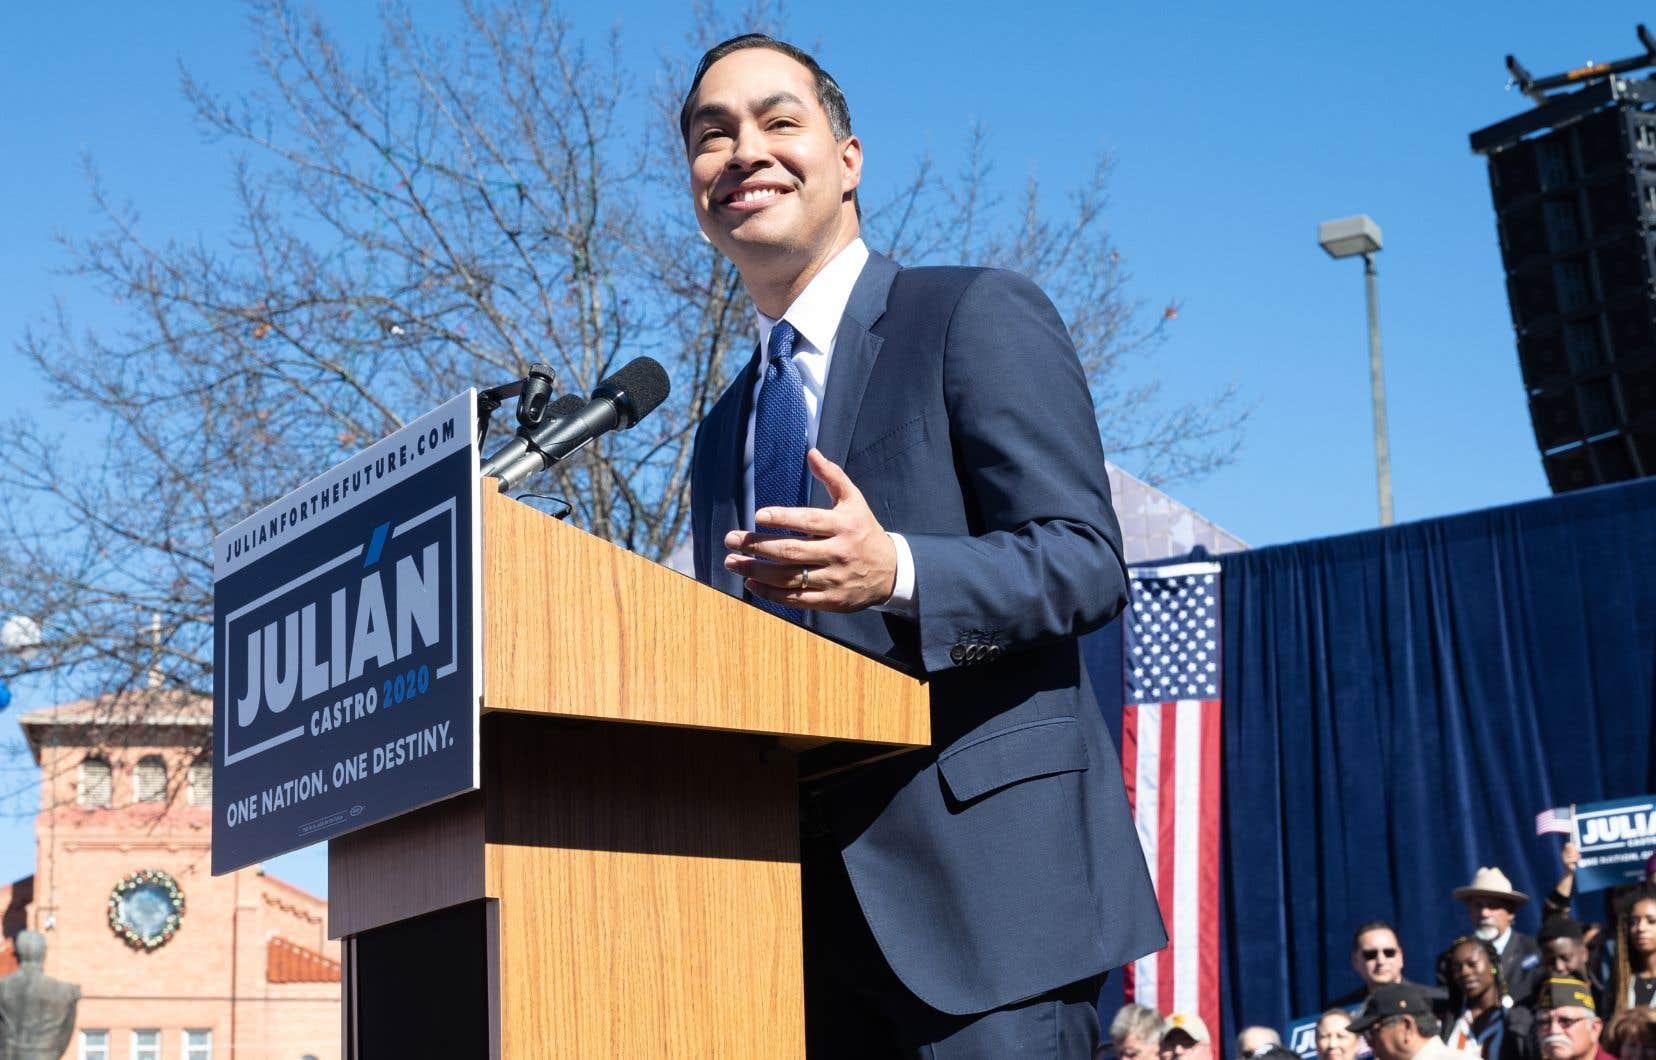 Petit-fils d'une immigrée mexicaine, Julian Castro, 44ans, devient le démocrate le plus en vue à faire son entrée officielle dans la course à la présidentielle de 2020.